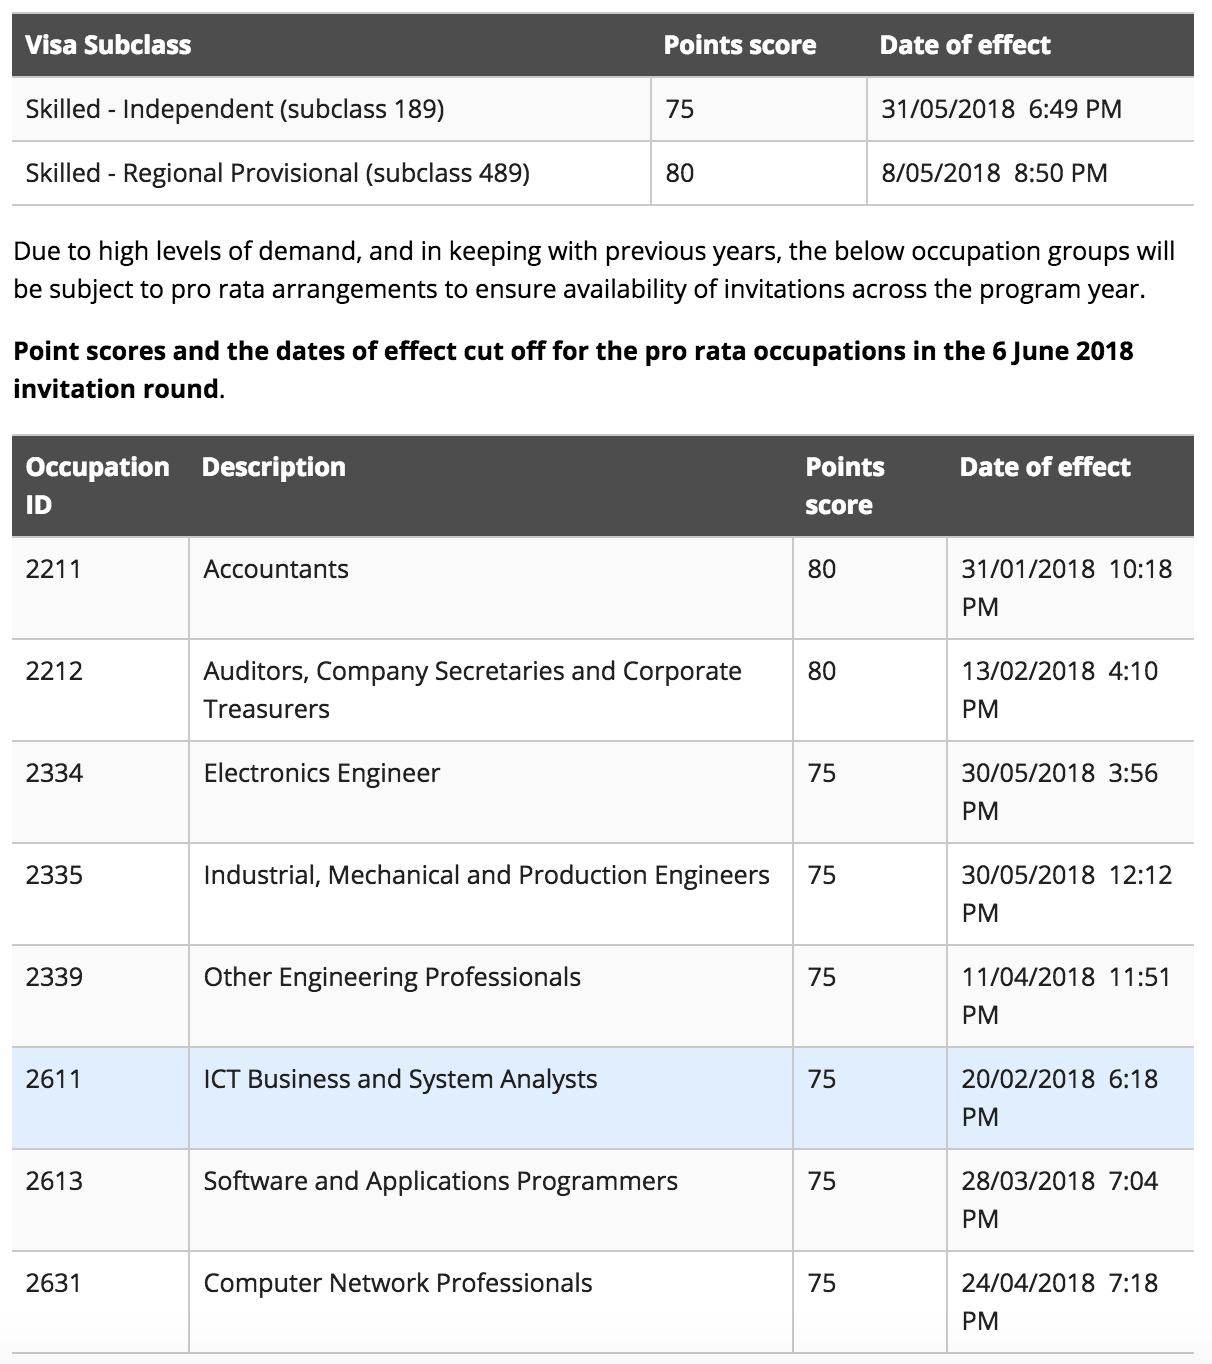 Điểm Cut off của các ngành pro-rata trong lần mời ngày 6/6/2018.